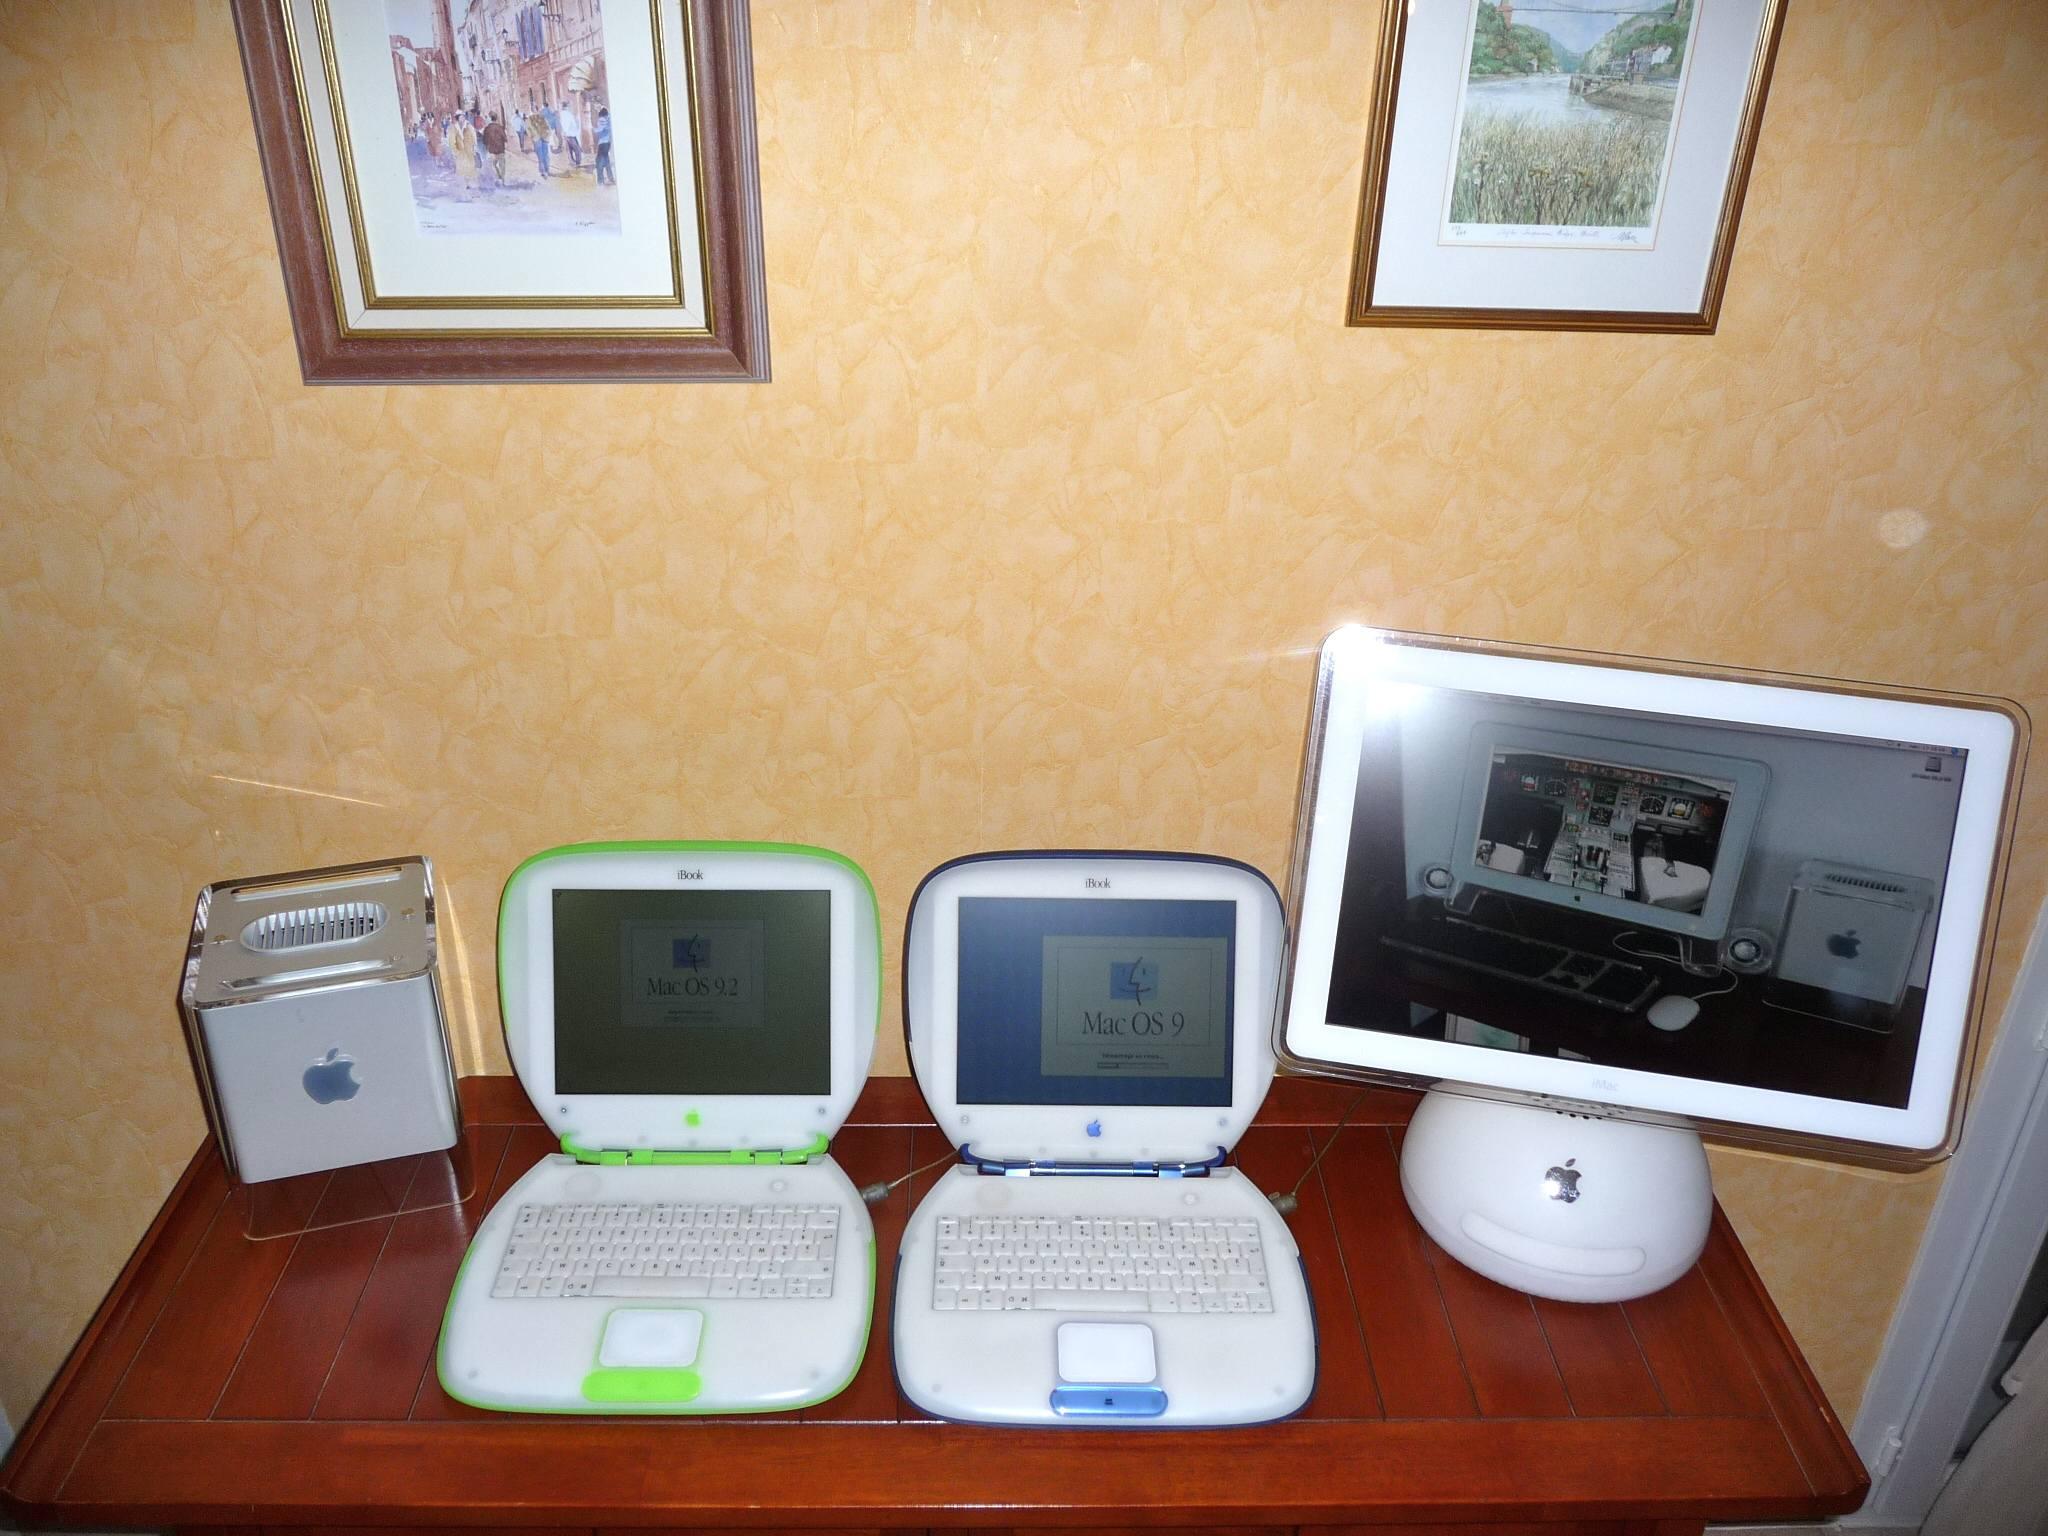 3 macs.jpg